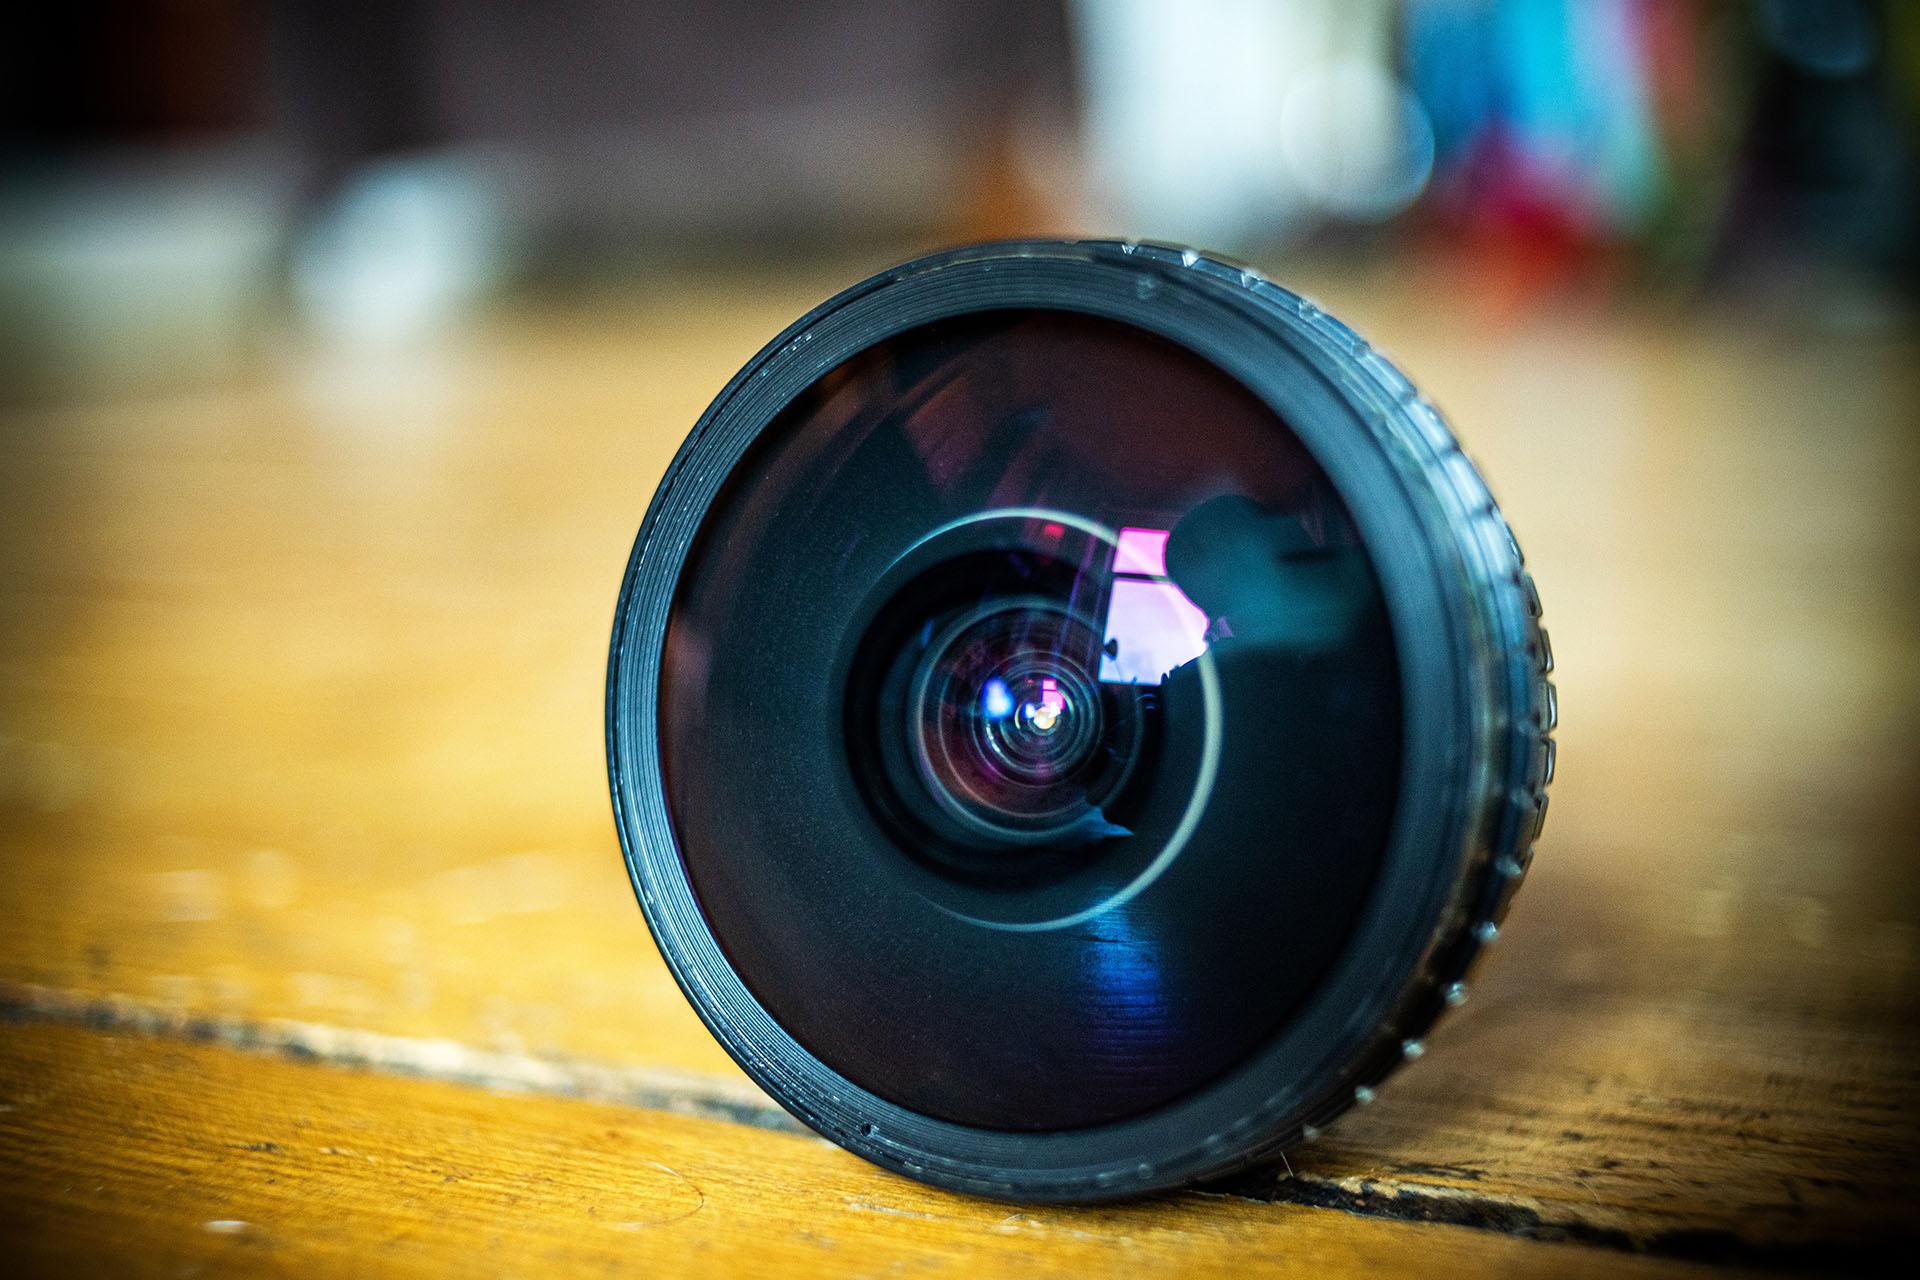 Peleng 8mm lens